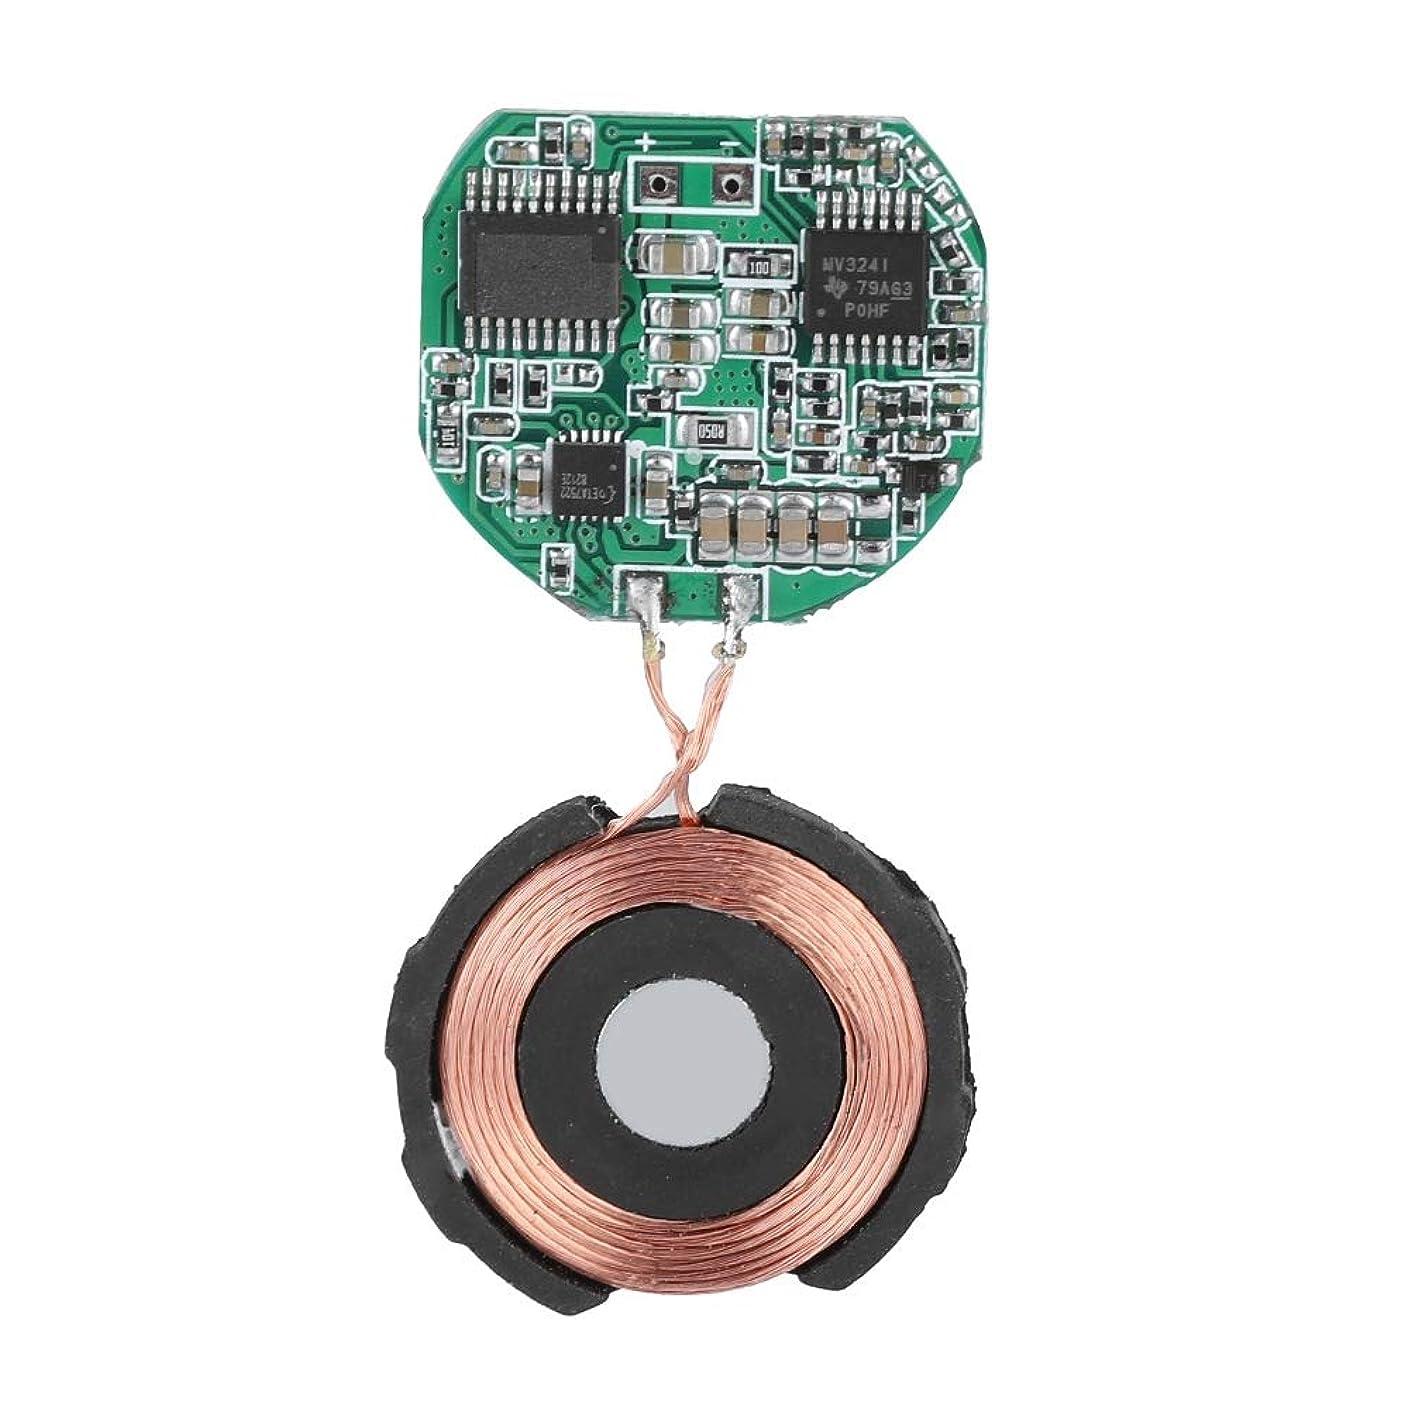 マングル有望再撮りFosa iWatchのためのDIY Qiの無線充電器 サーキットボードのコイル5V 1Aの充電モジュール1 2 3 4